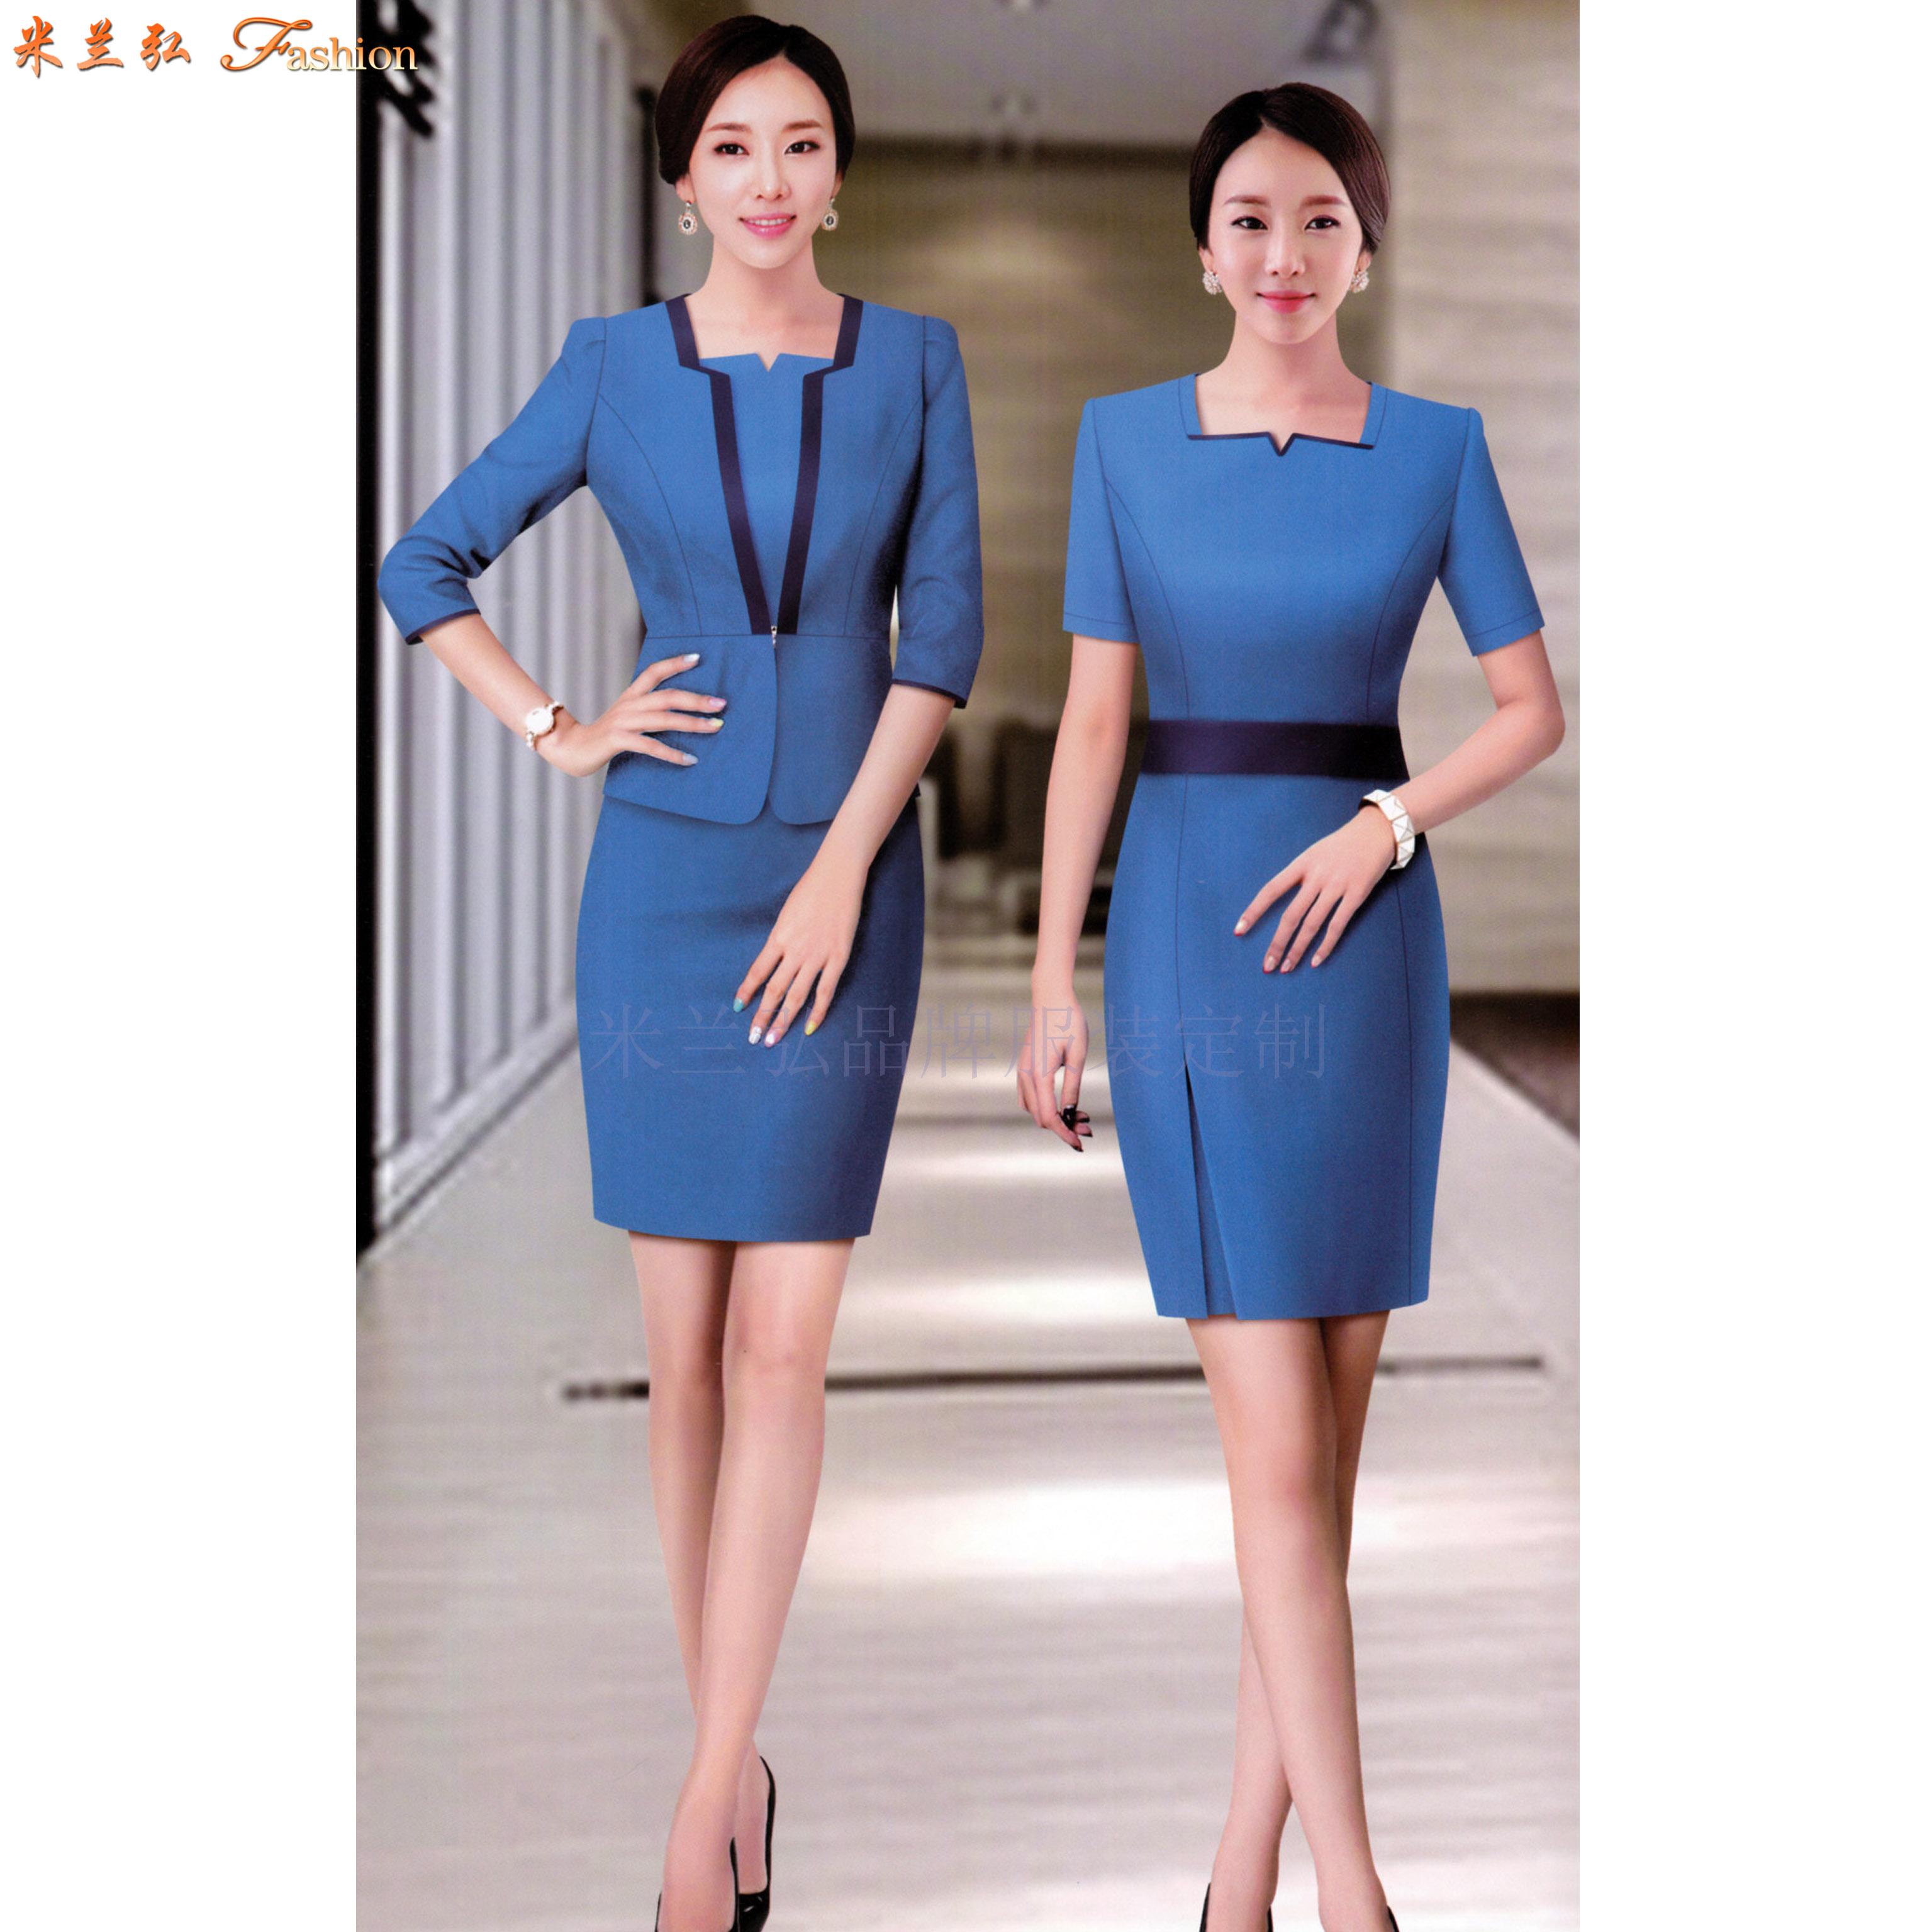 江西連衣裙定制-職業連衣裙訂做價錢-米蘭弘服裝-1